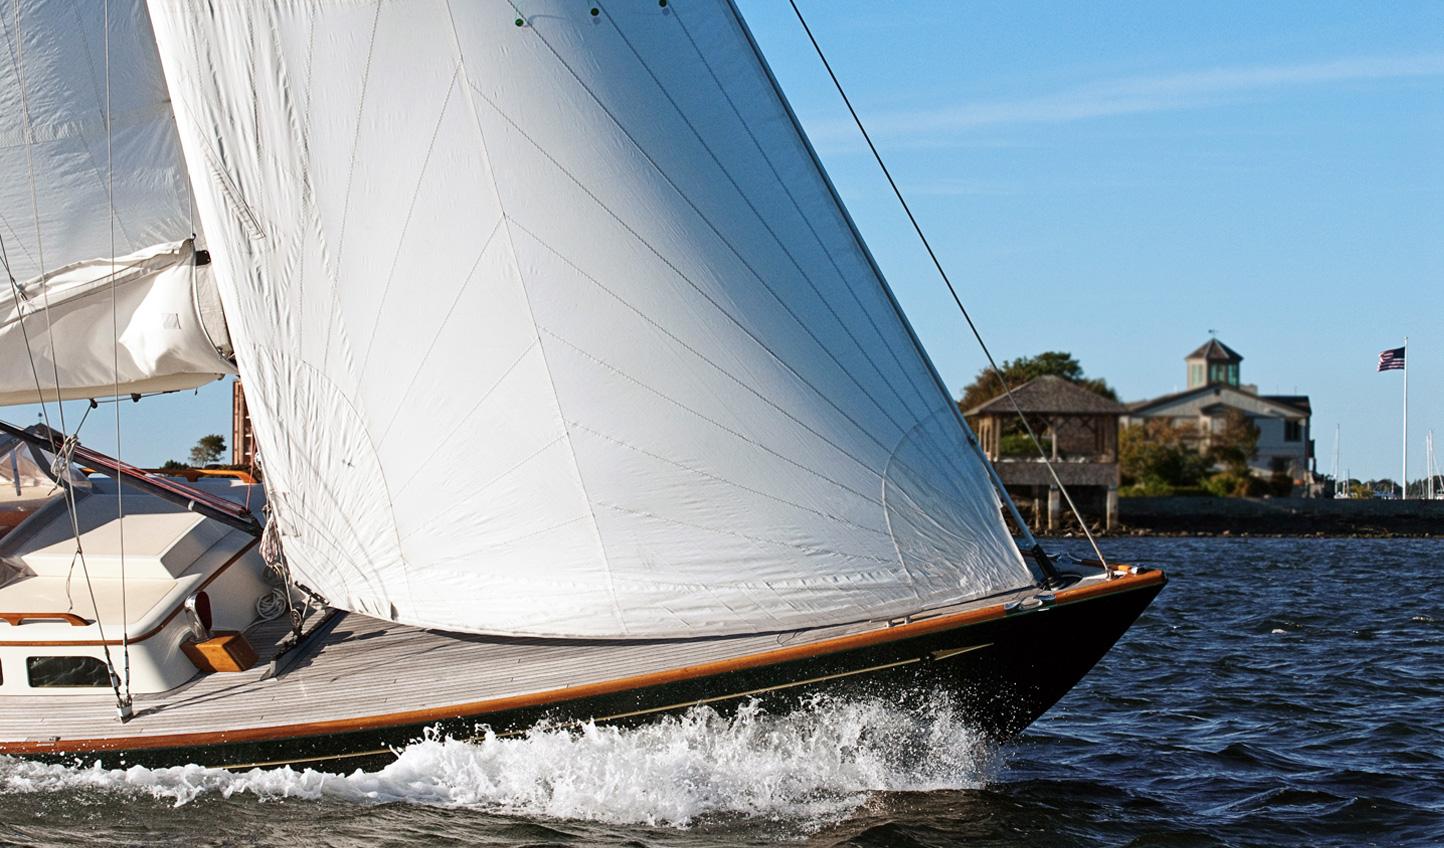 Set sail on New England's largest estuary, Narragansett Bay